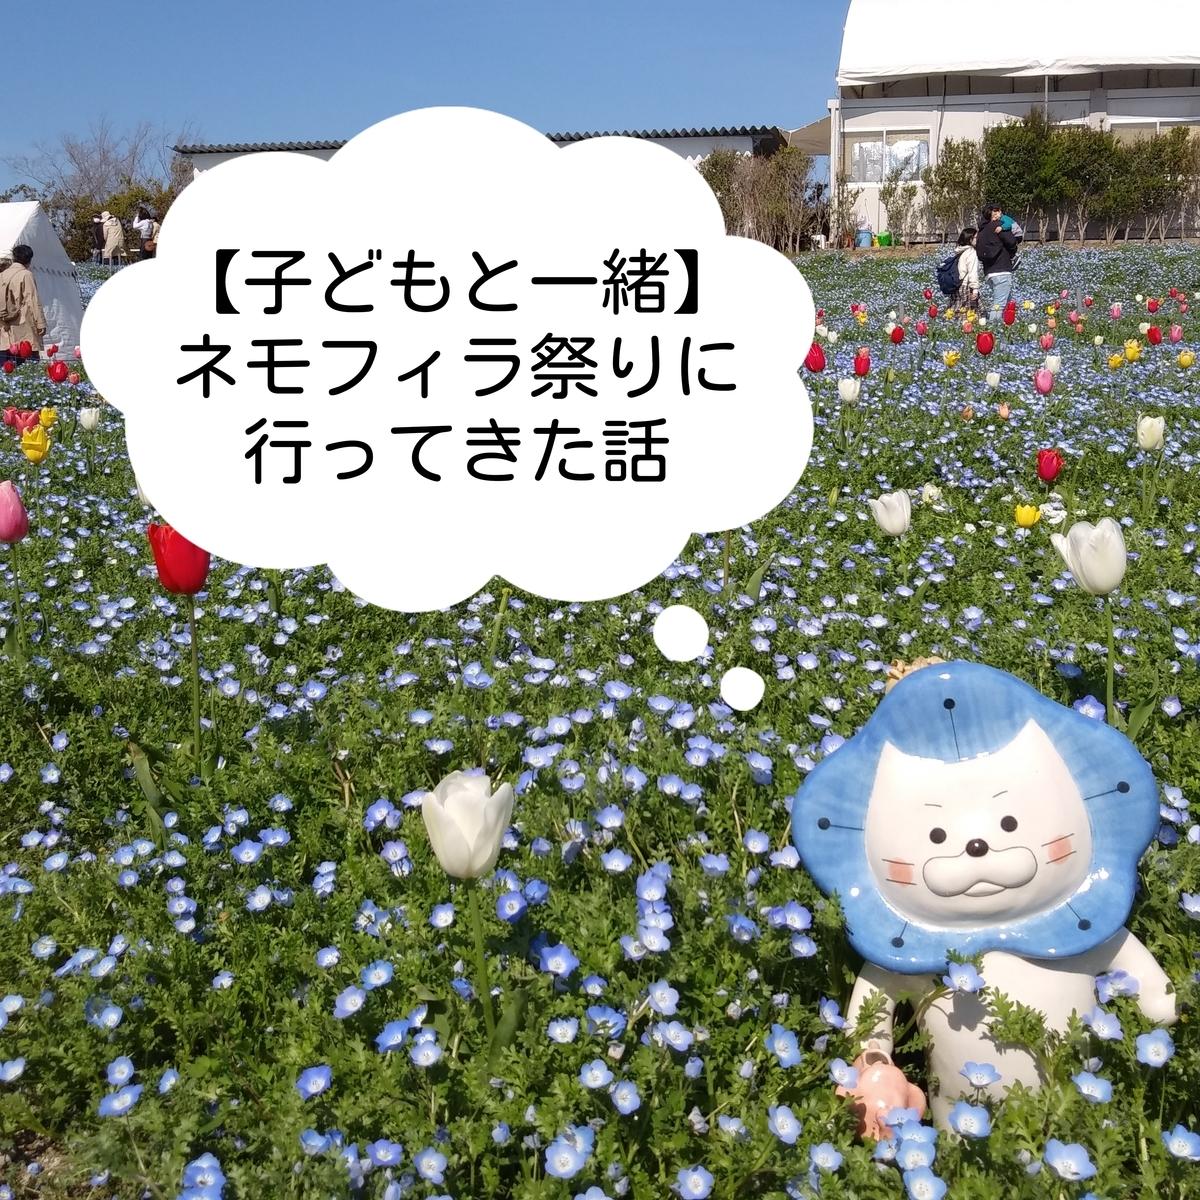 大阪・舞洲のネモフィラ祭りの見頃は?開催2日目に子ども連れて行ってきました☆ - べぽんぬライフ別館